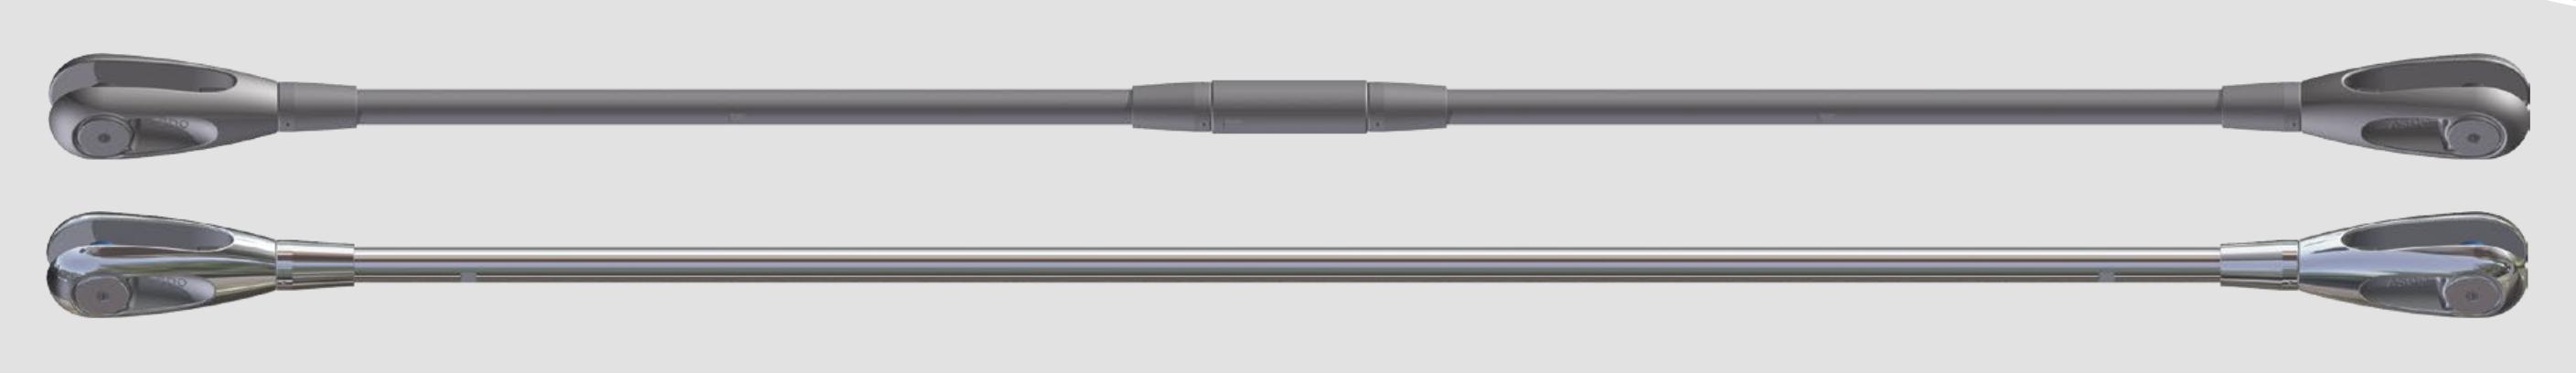 Tie bars in carbon steel en in stainless steel